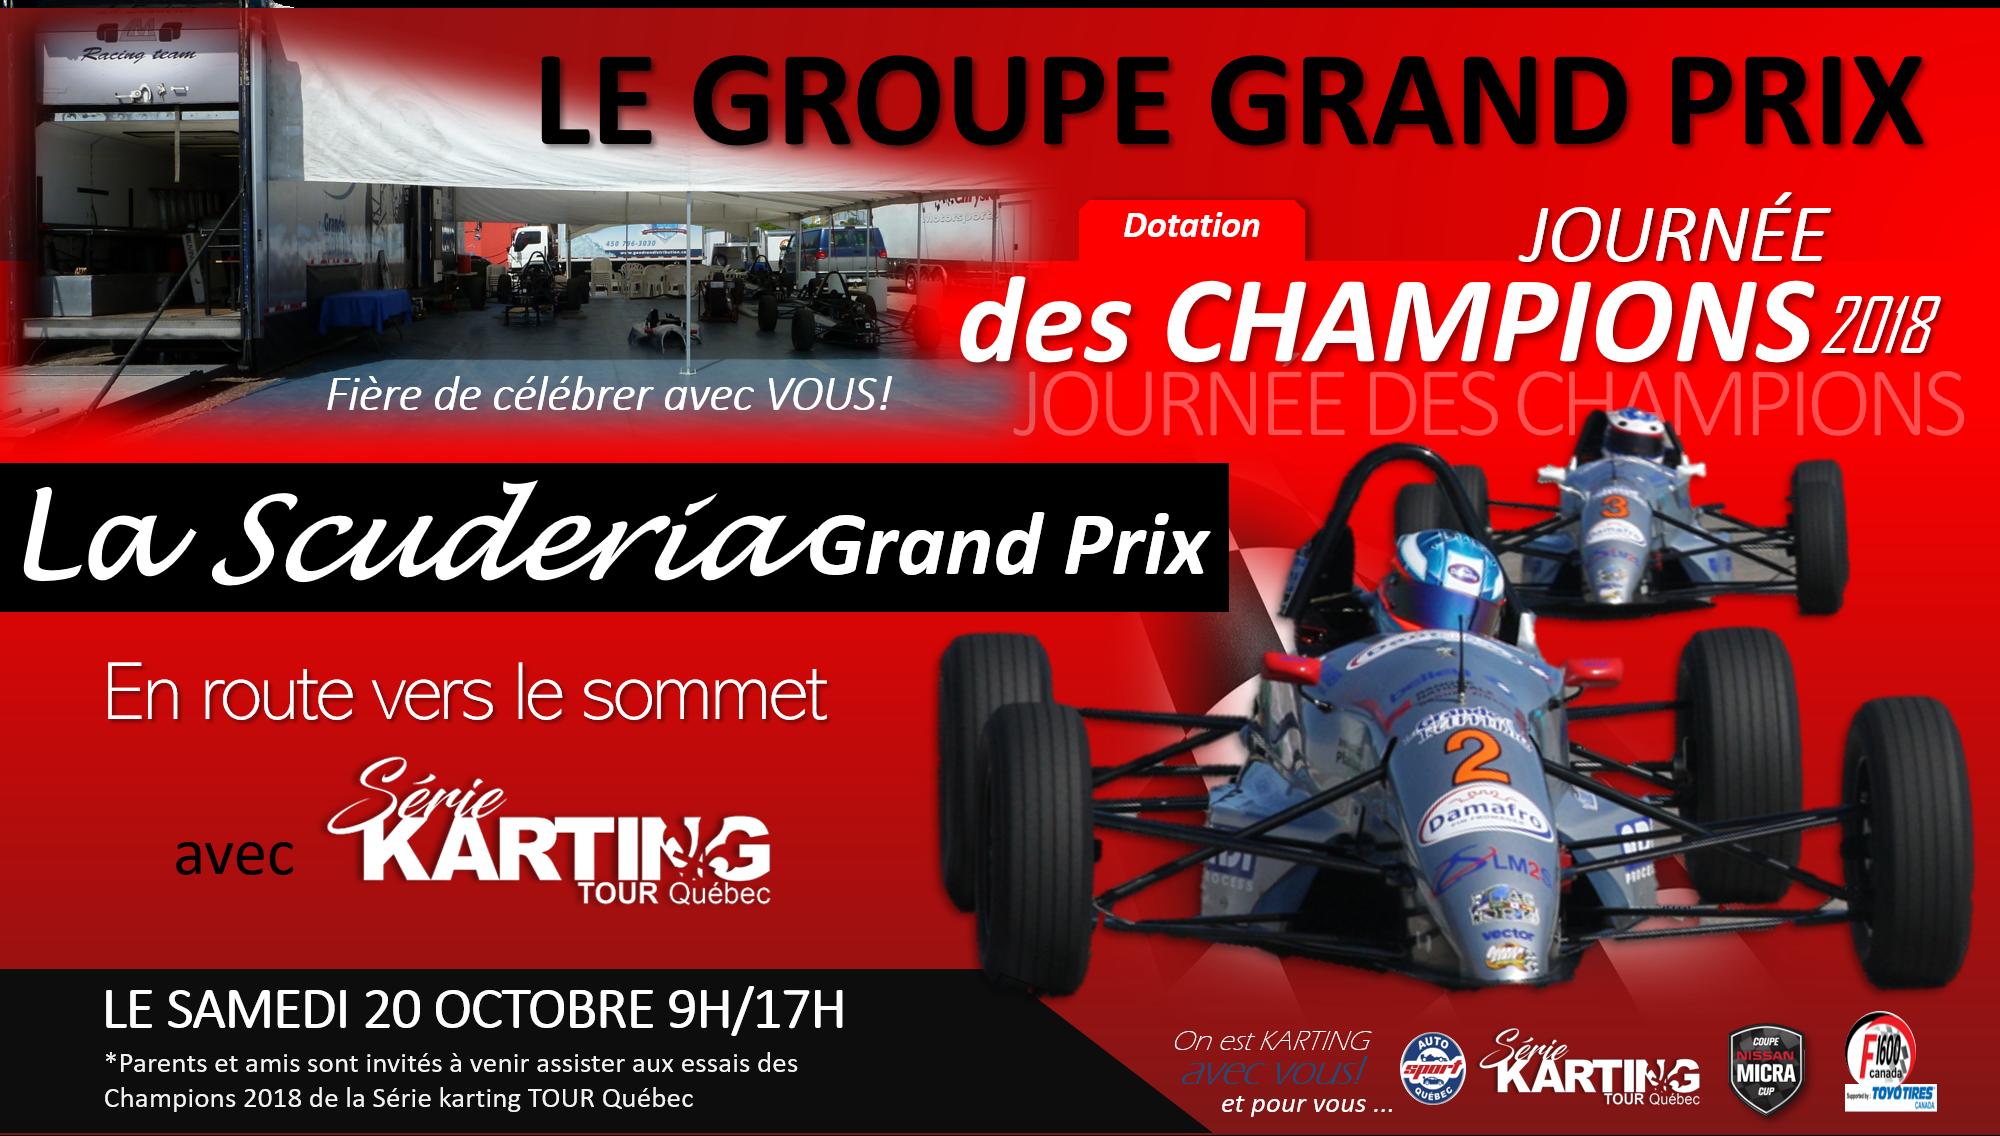 Communiqué de la Série karting TOUR Québec